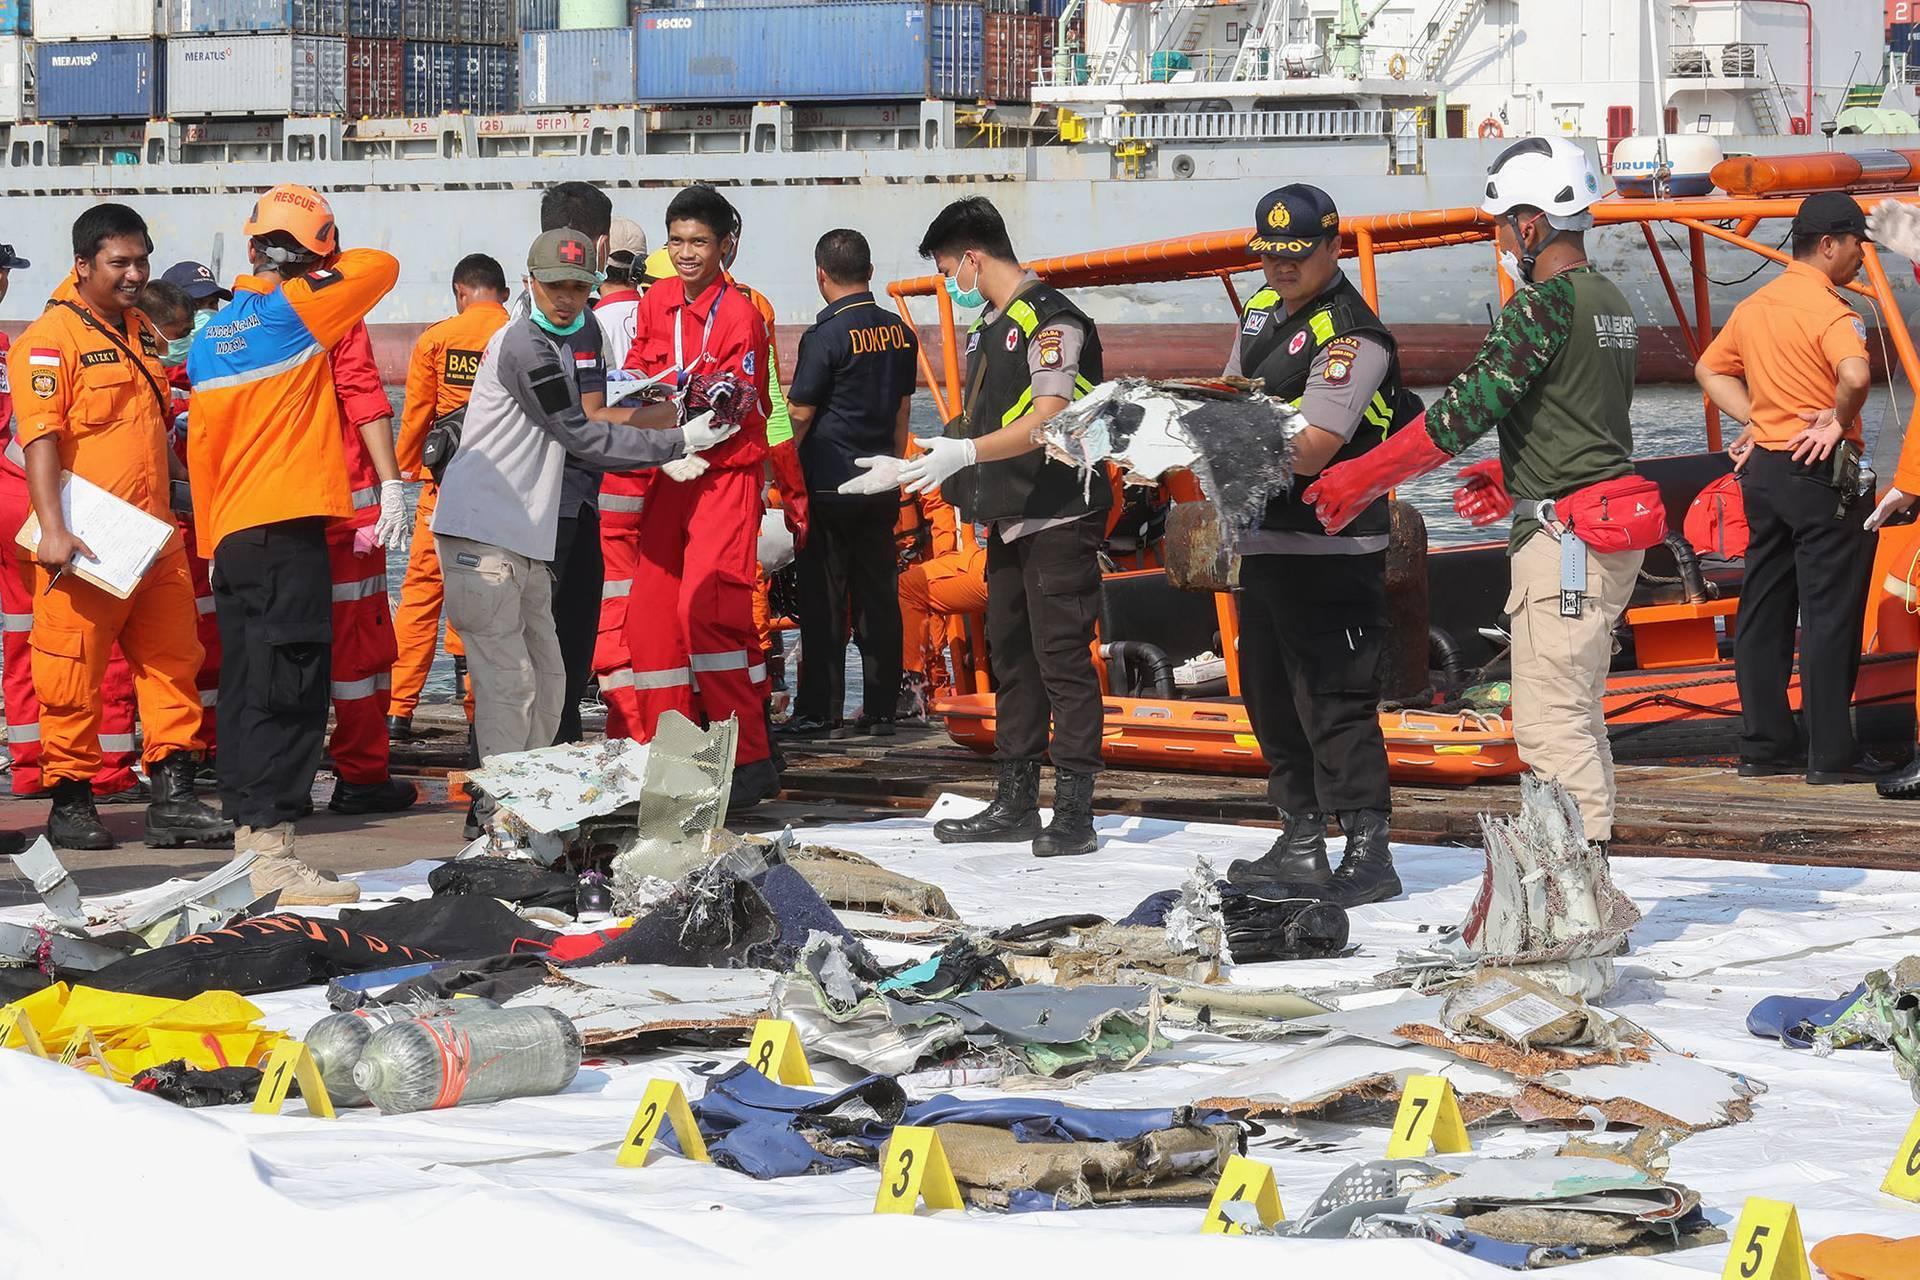 Рятувальники виносять на берег уламки літака та речі загиблих пасажирів в порту Танджунг-Пріок, Індонезія, 29 жовтня 2018 року